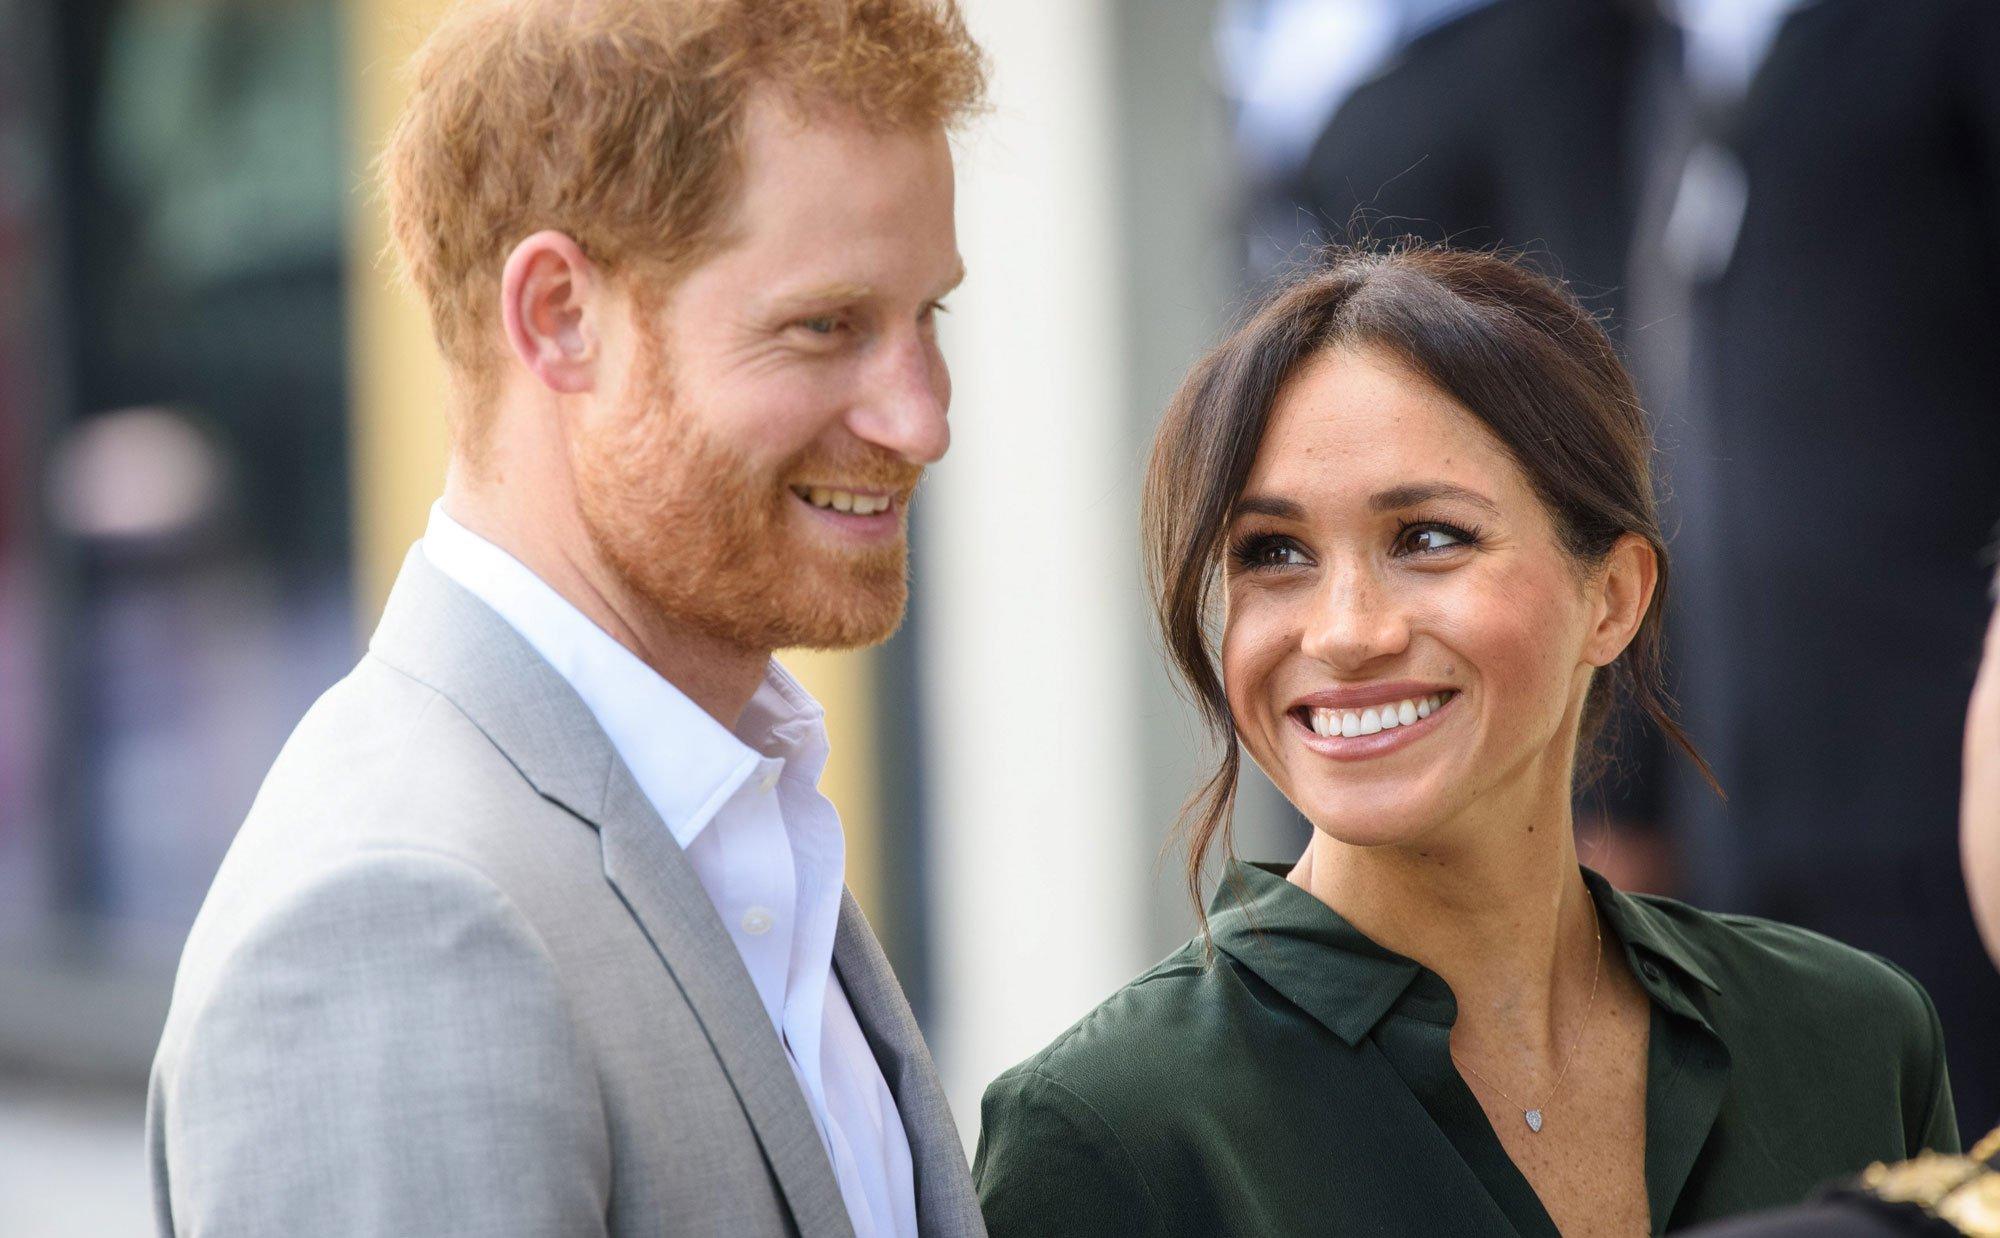 harrymeghan oct15.jpg?resize=636,358 - Filho de Harry e Meghan poderá não ter um título real? Descubra aqui o porquê!